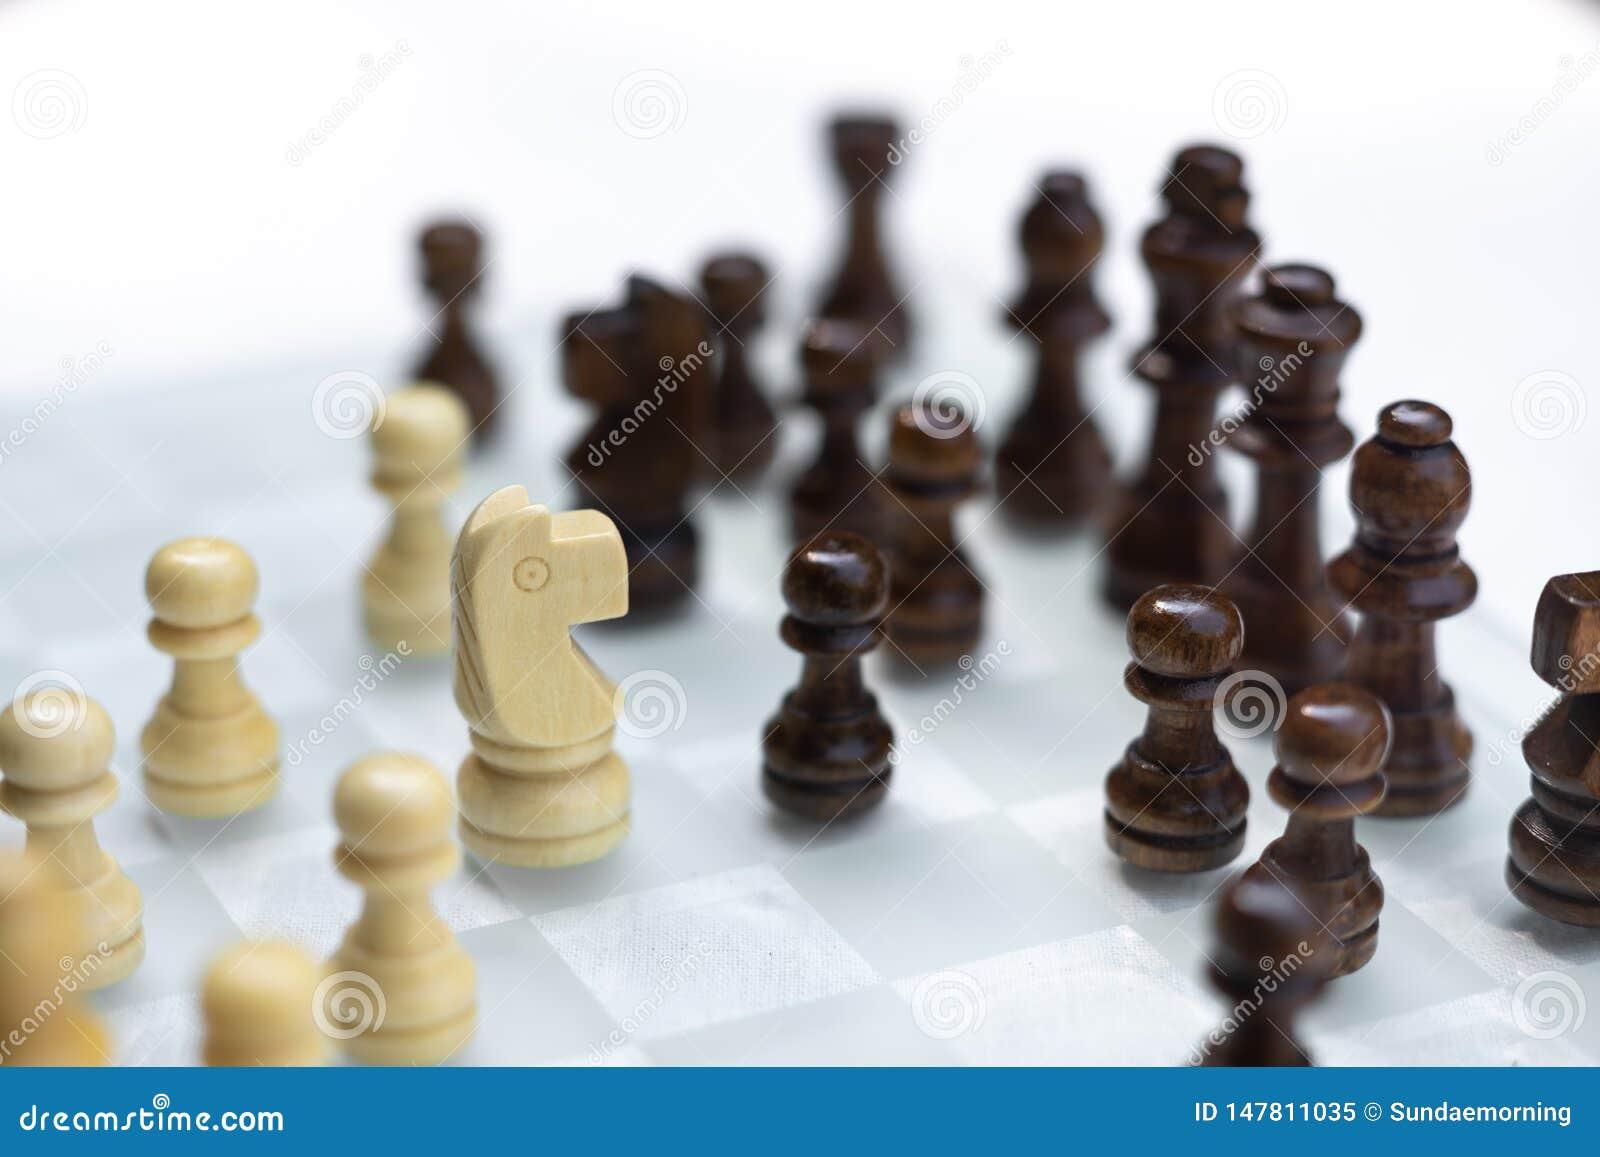 Игра шахматной доски, концепция дела конкурсная, затруднительное положение встречи, теряя и выигрывая